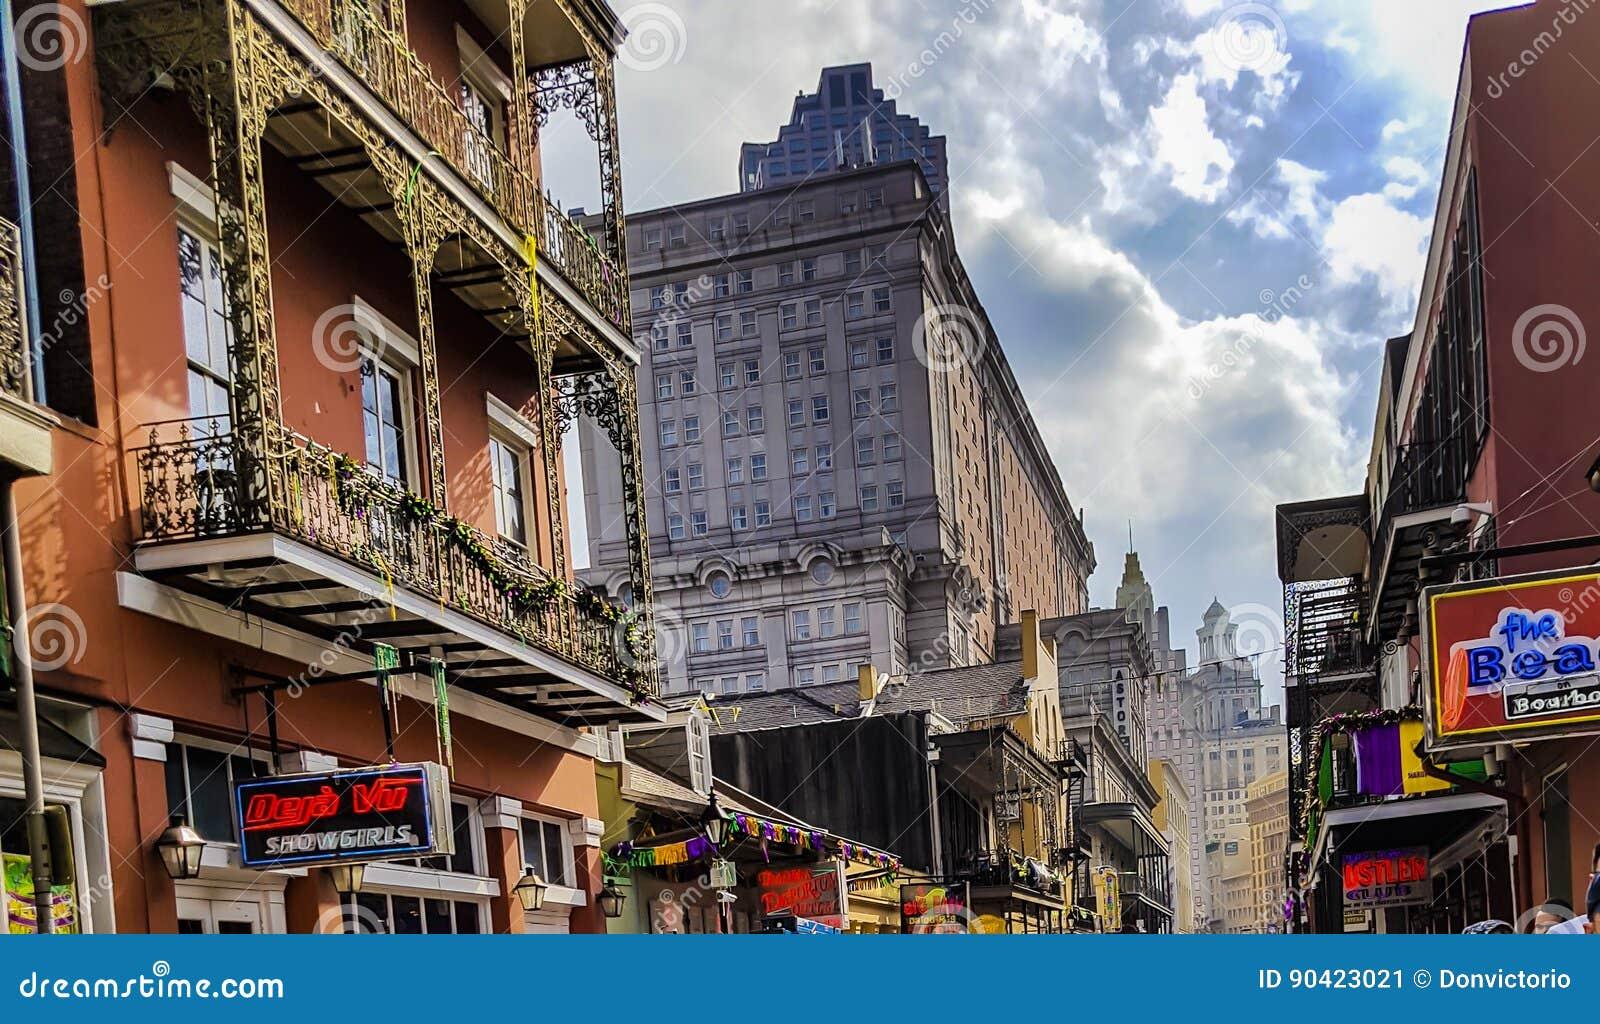 Quartier français célèbre à la Nouvelle-Orléans après Mardi Gras